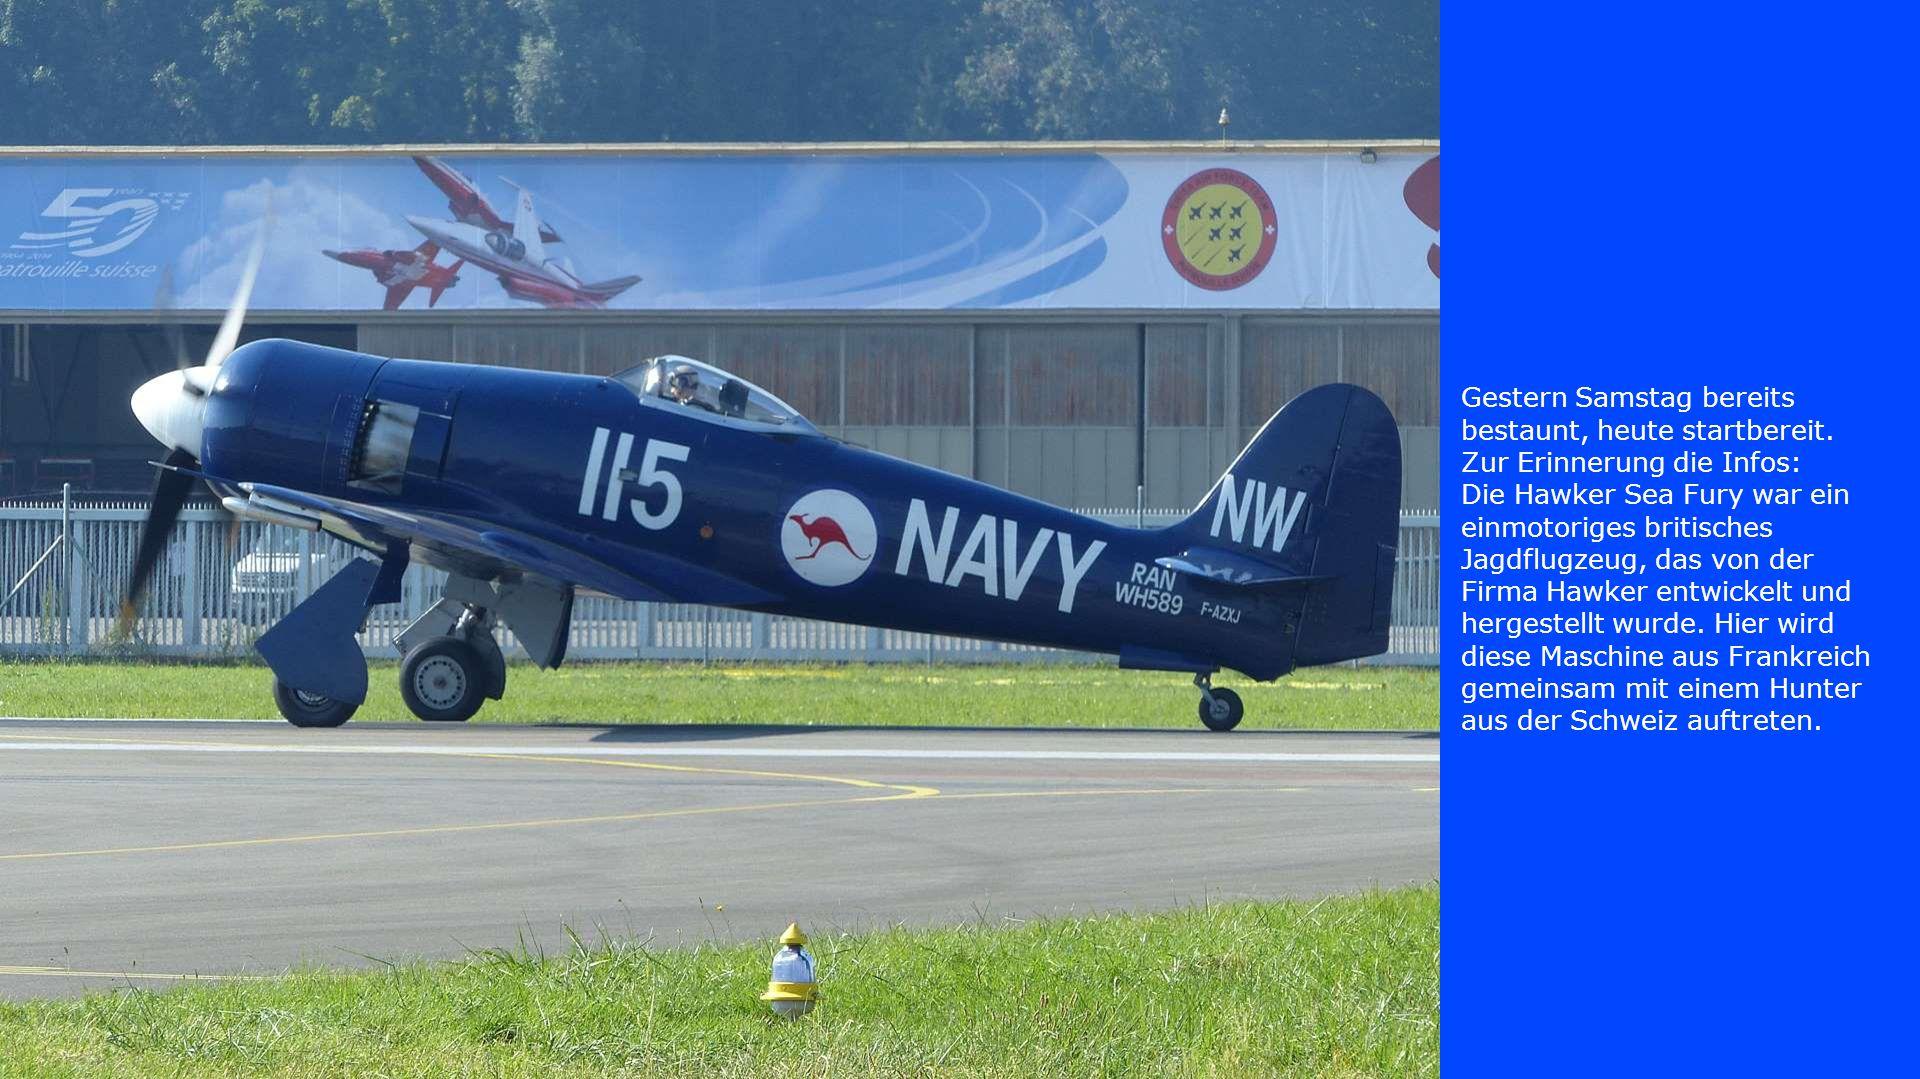 Gestern Samstag bereits bestaunt, heute startbereit. Zur Erinnerung die Infos: Die Hawker Sea Fury war ein einmotoriges britisches Jagdflugzeug, das v